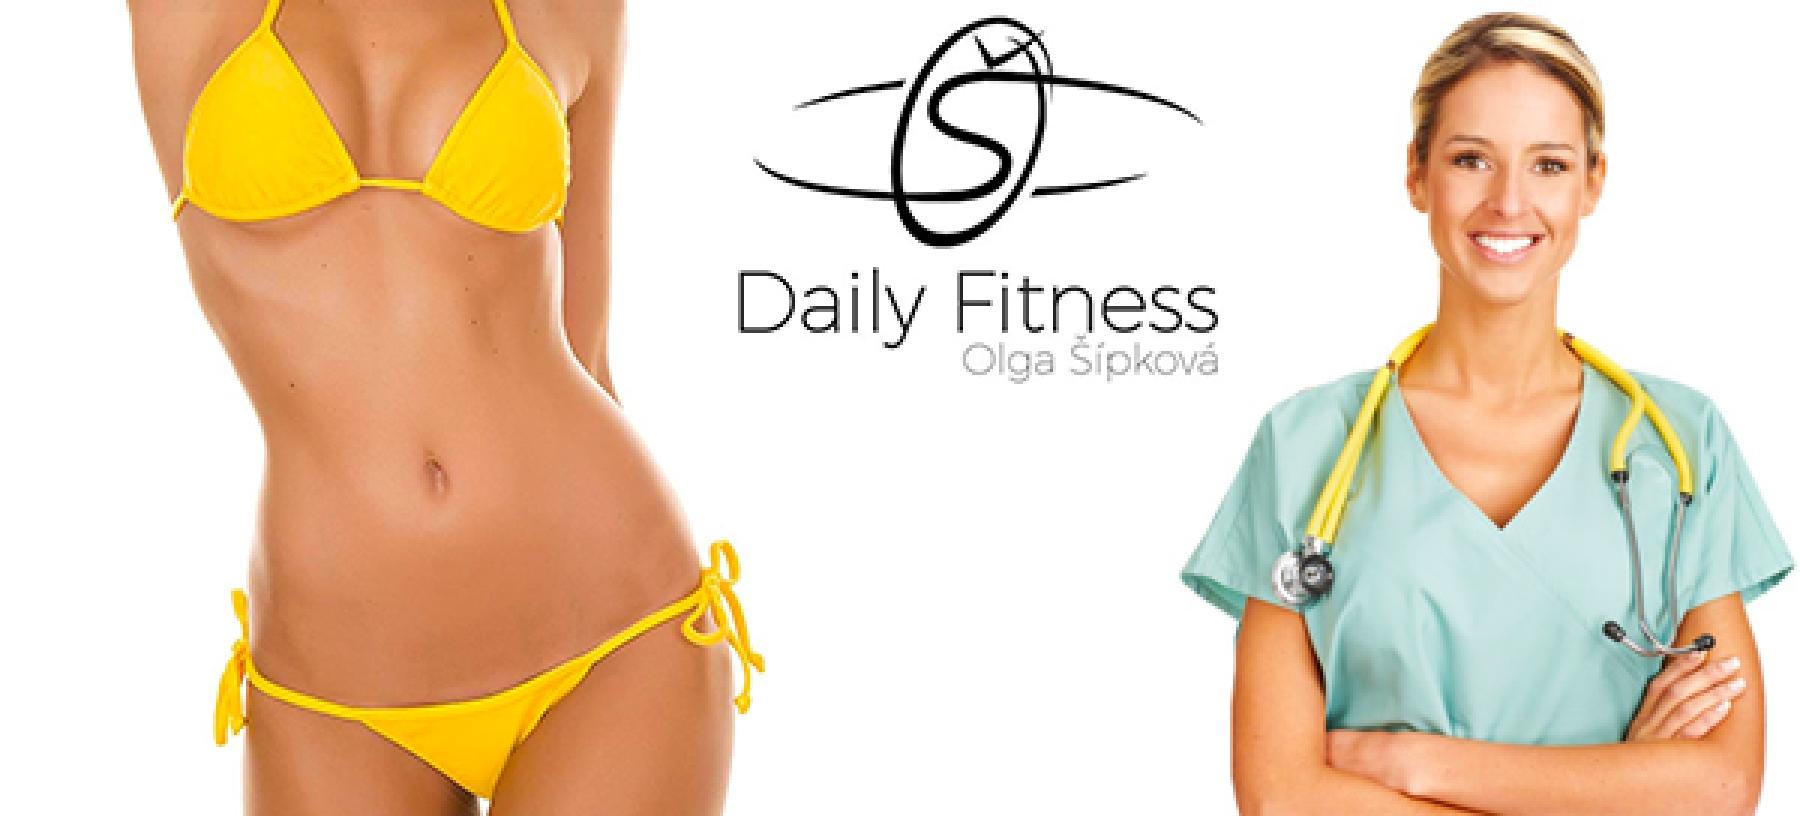 Daily Fitness Olgy Šípkové – 4× kryolipolýza BTL